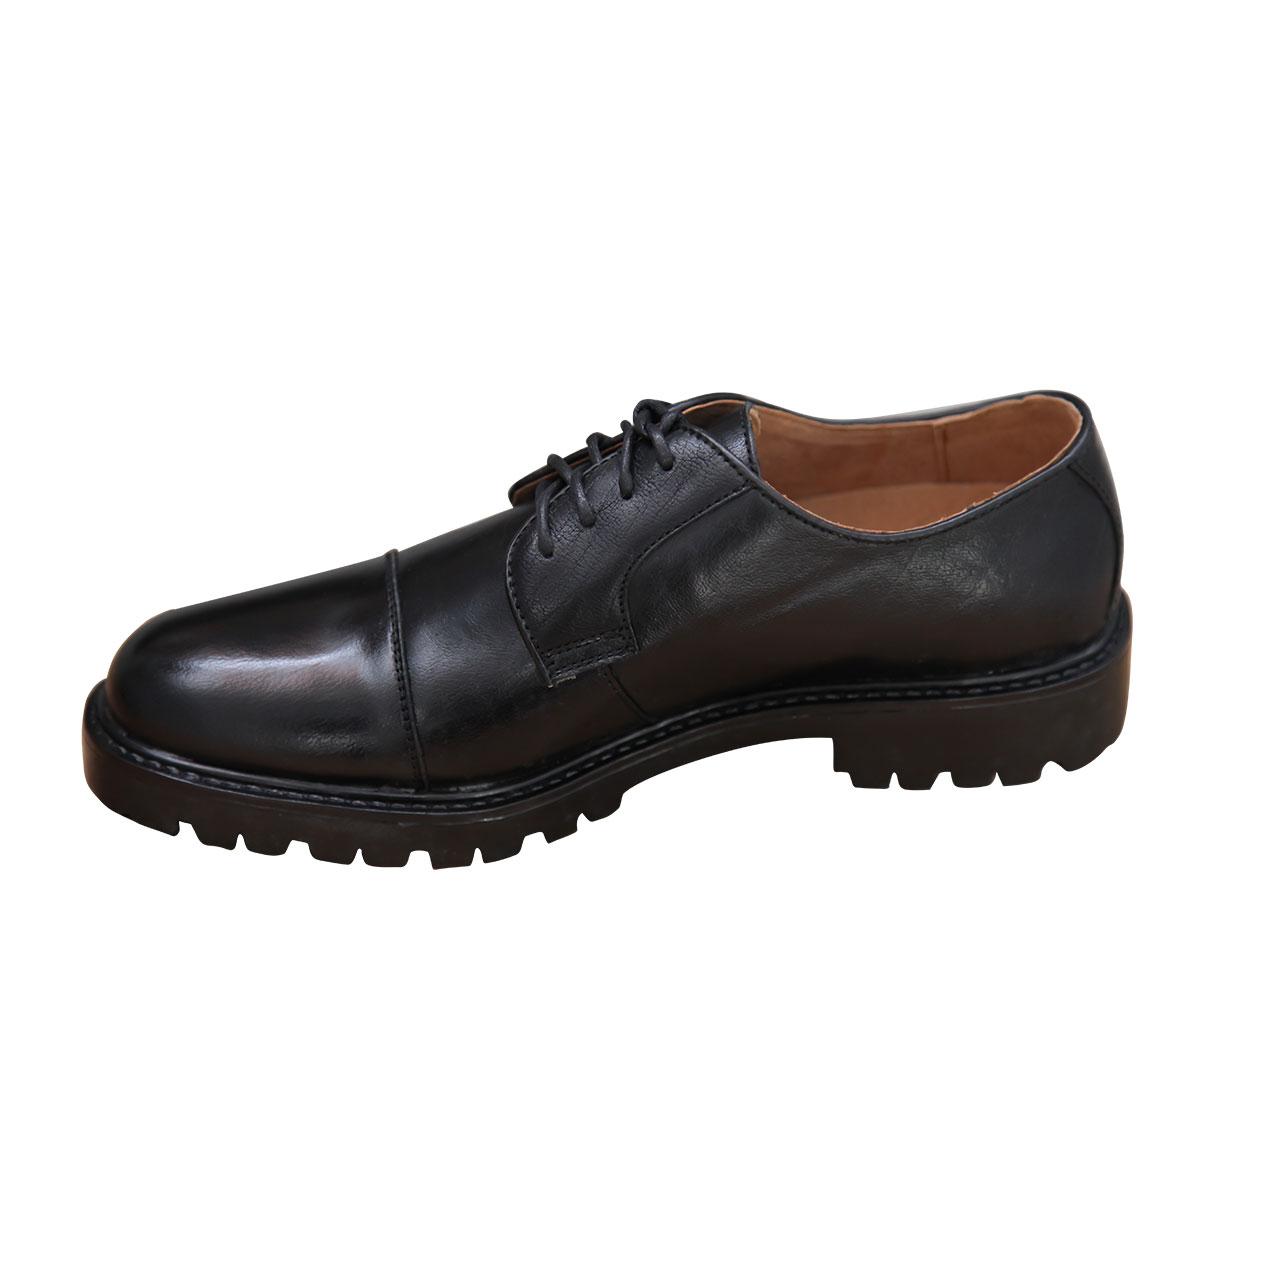 Men's Classic Oxford Plain Cap Toe Lace Up Brogue Genuine Leather Shoe - Black